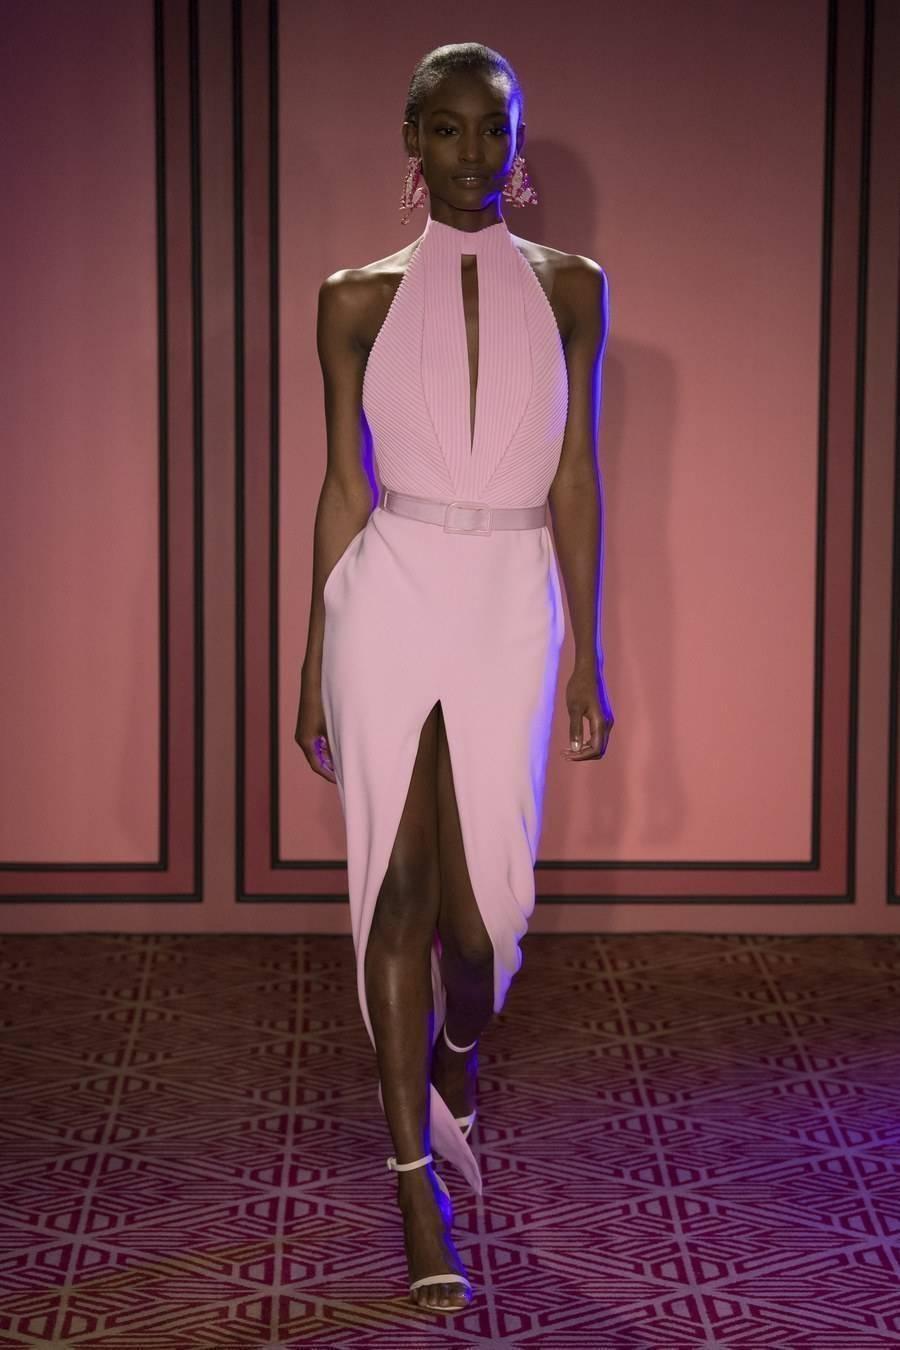 Necessaire da Diva BRA0807 Rosa e vermelho: a nova tendência da moda. Moda  Vermelho e rosa na moda tendências da moda Rosa e vermelho na moda Rosa e vermelho NYFW moda Gigi Hadid no NYFW dicas de moda combinação rosa com vermelho Brandon Maxwell 2017